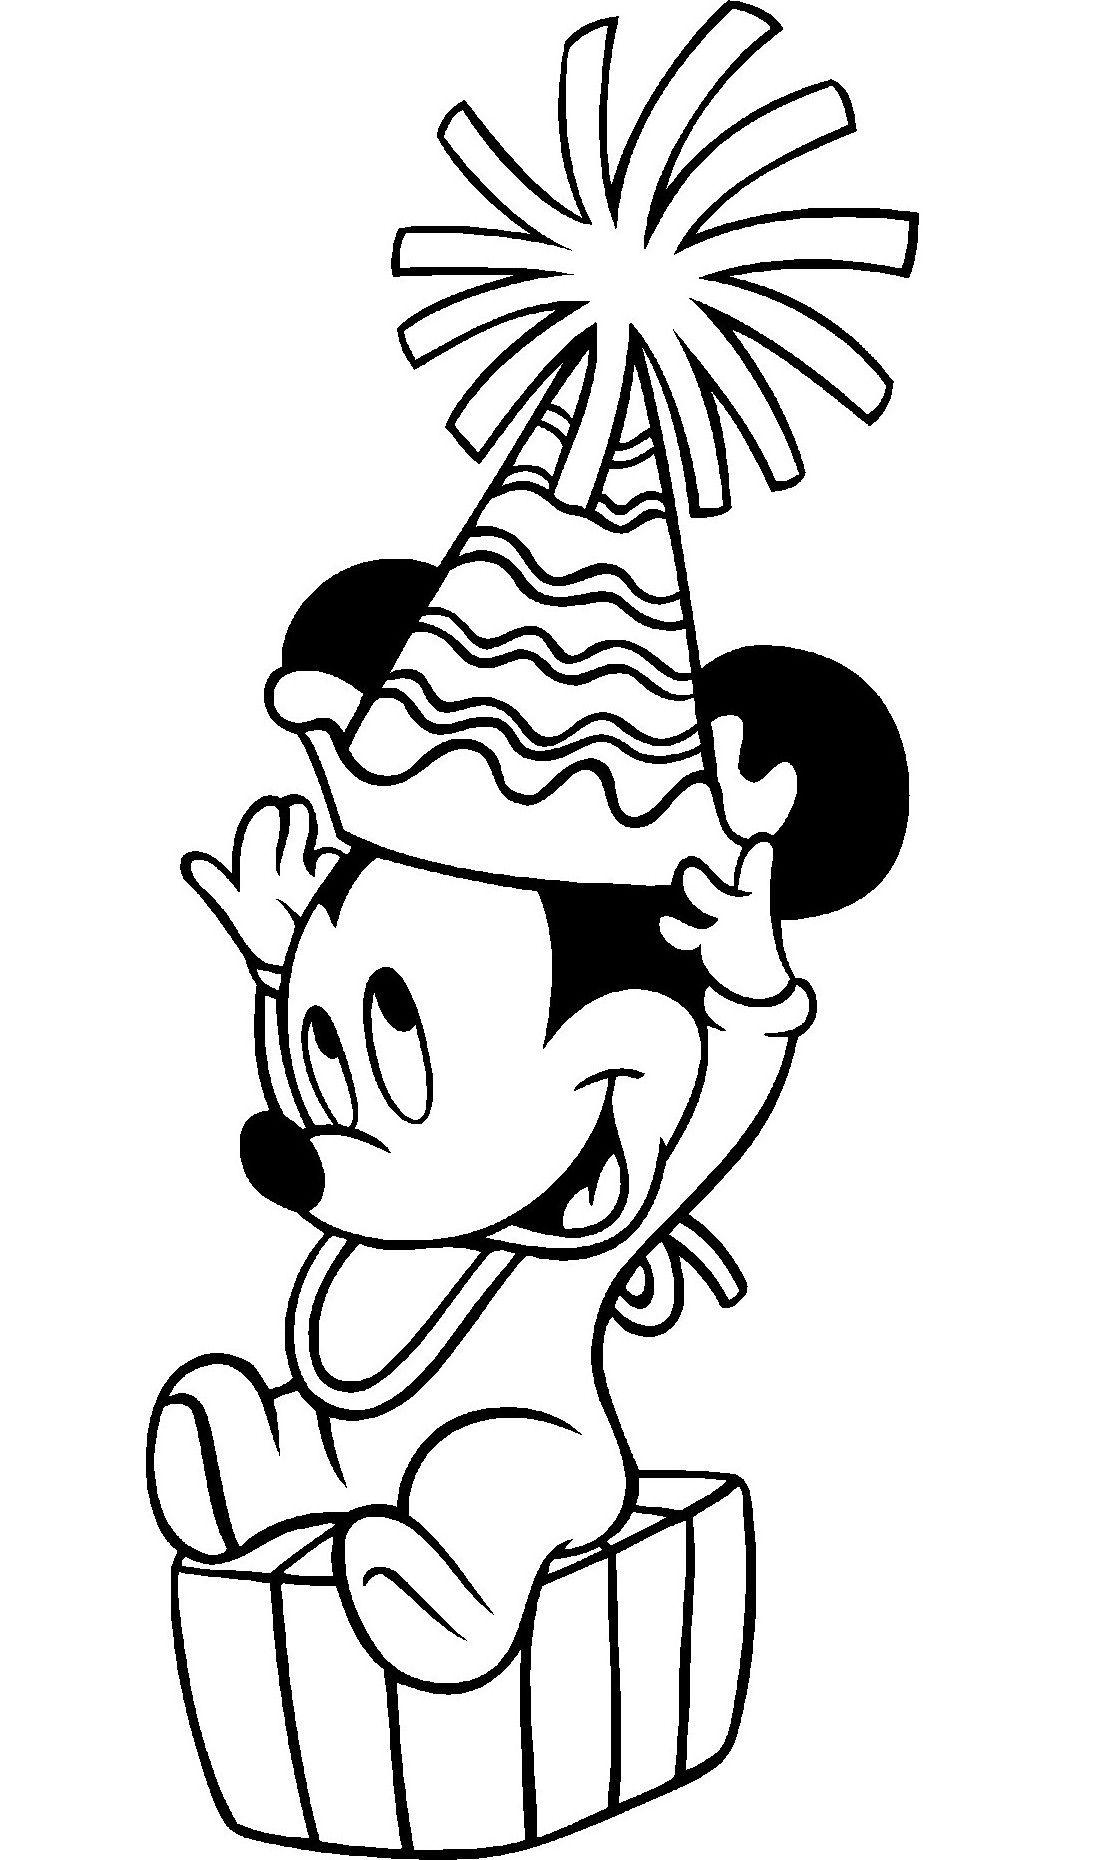 Inspirador Imagenes Para Colorear De Caricaturas De Disney | Colore ...